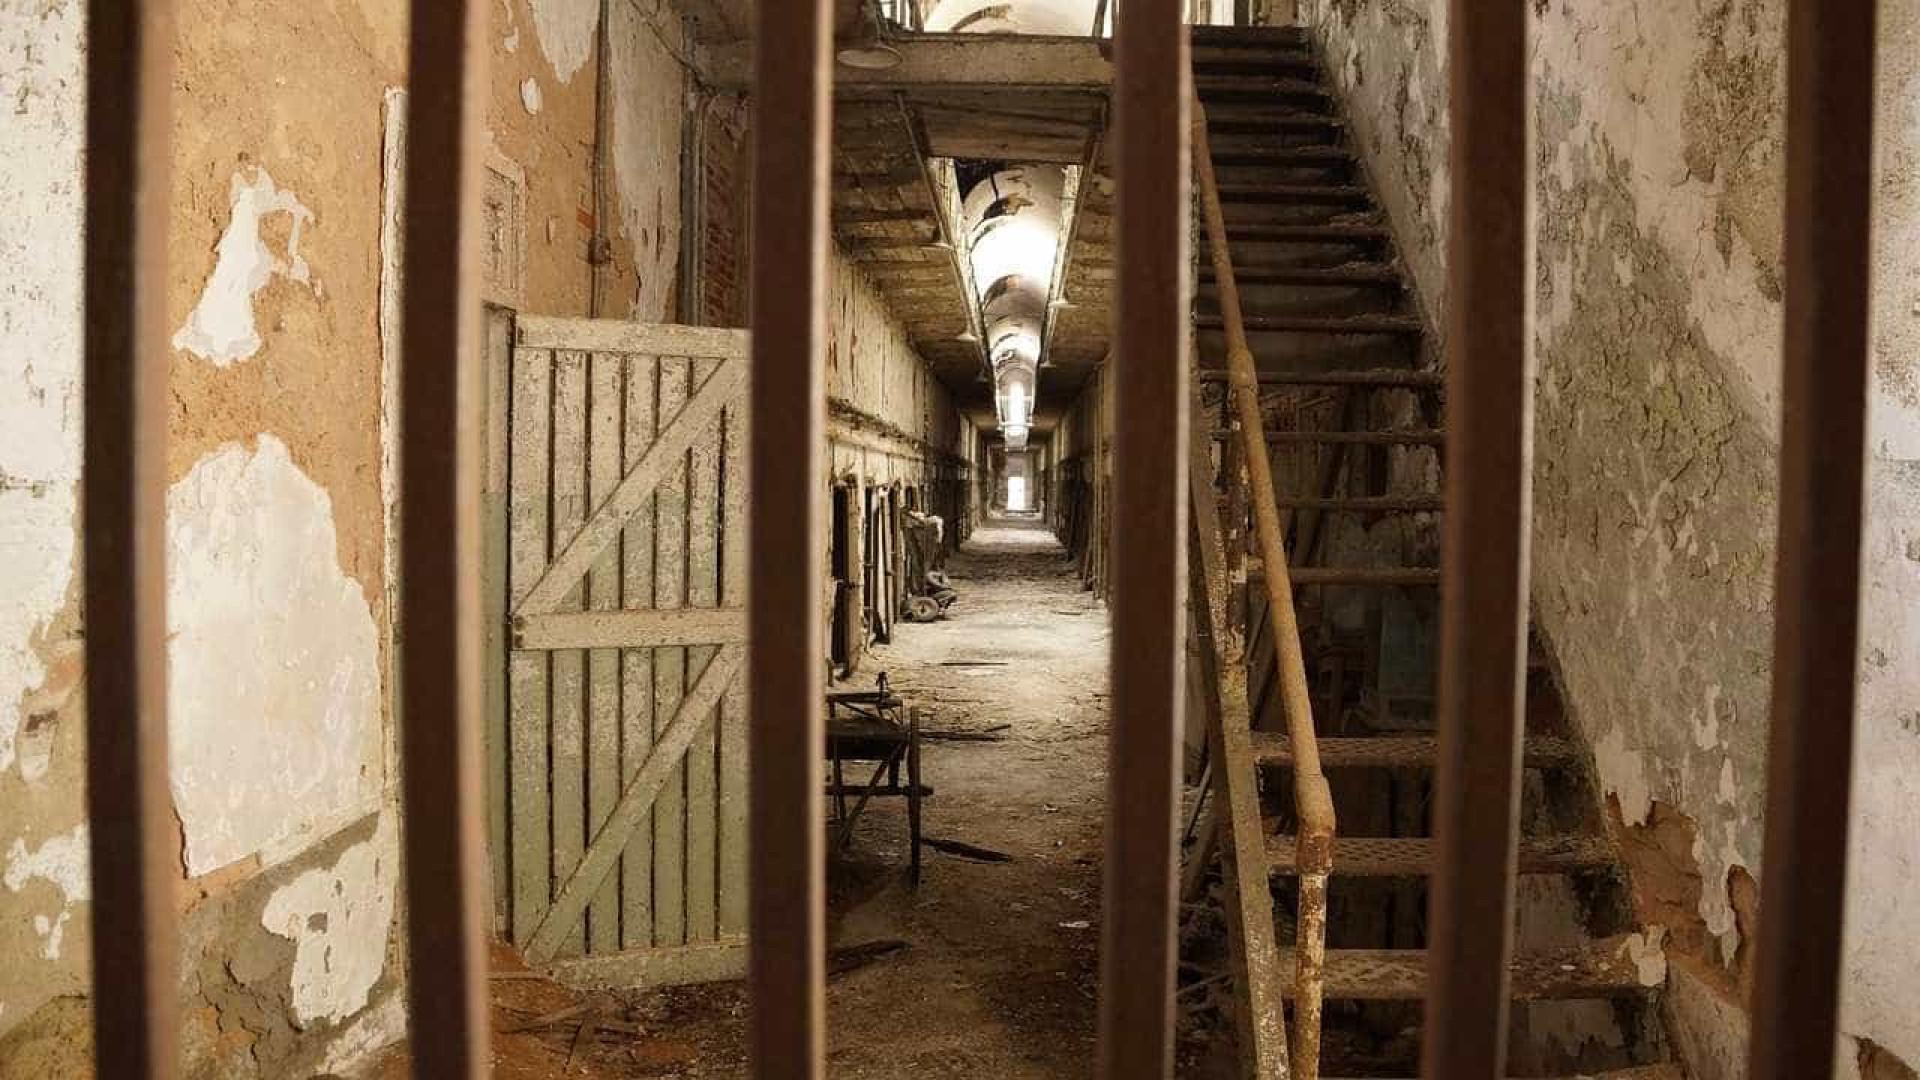 PEV garante que há famílias a viver em casas abandonadas em Lisboa